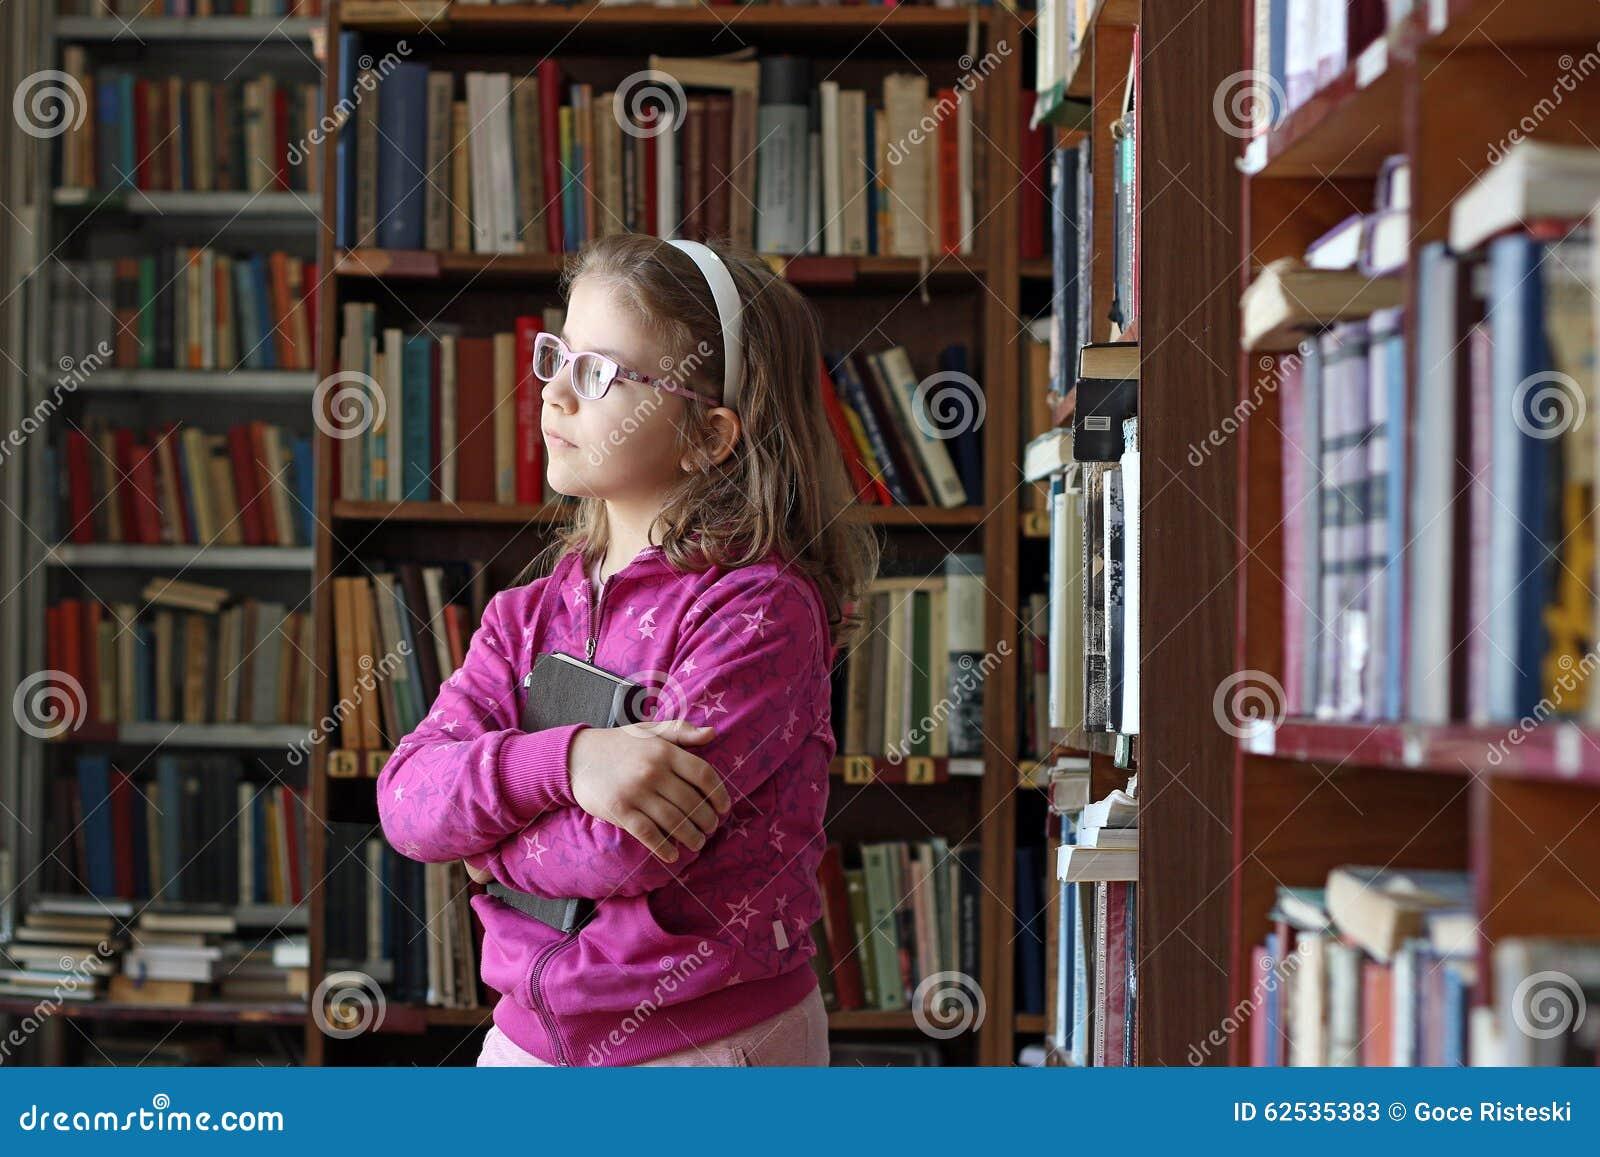 小女孩在图书馆里